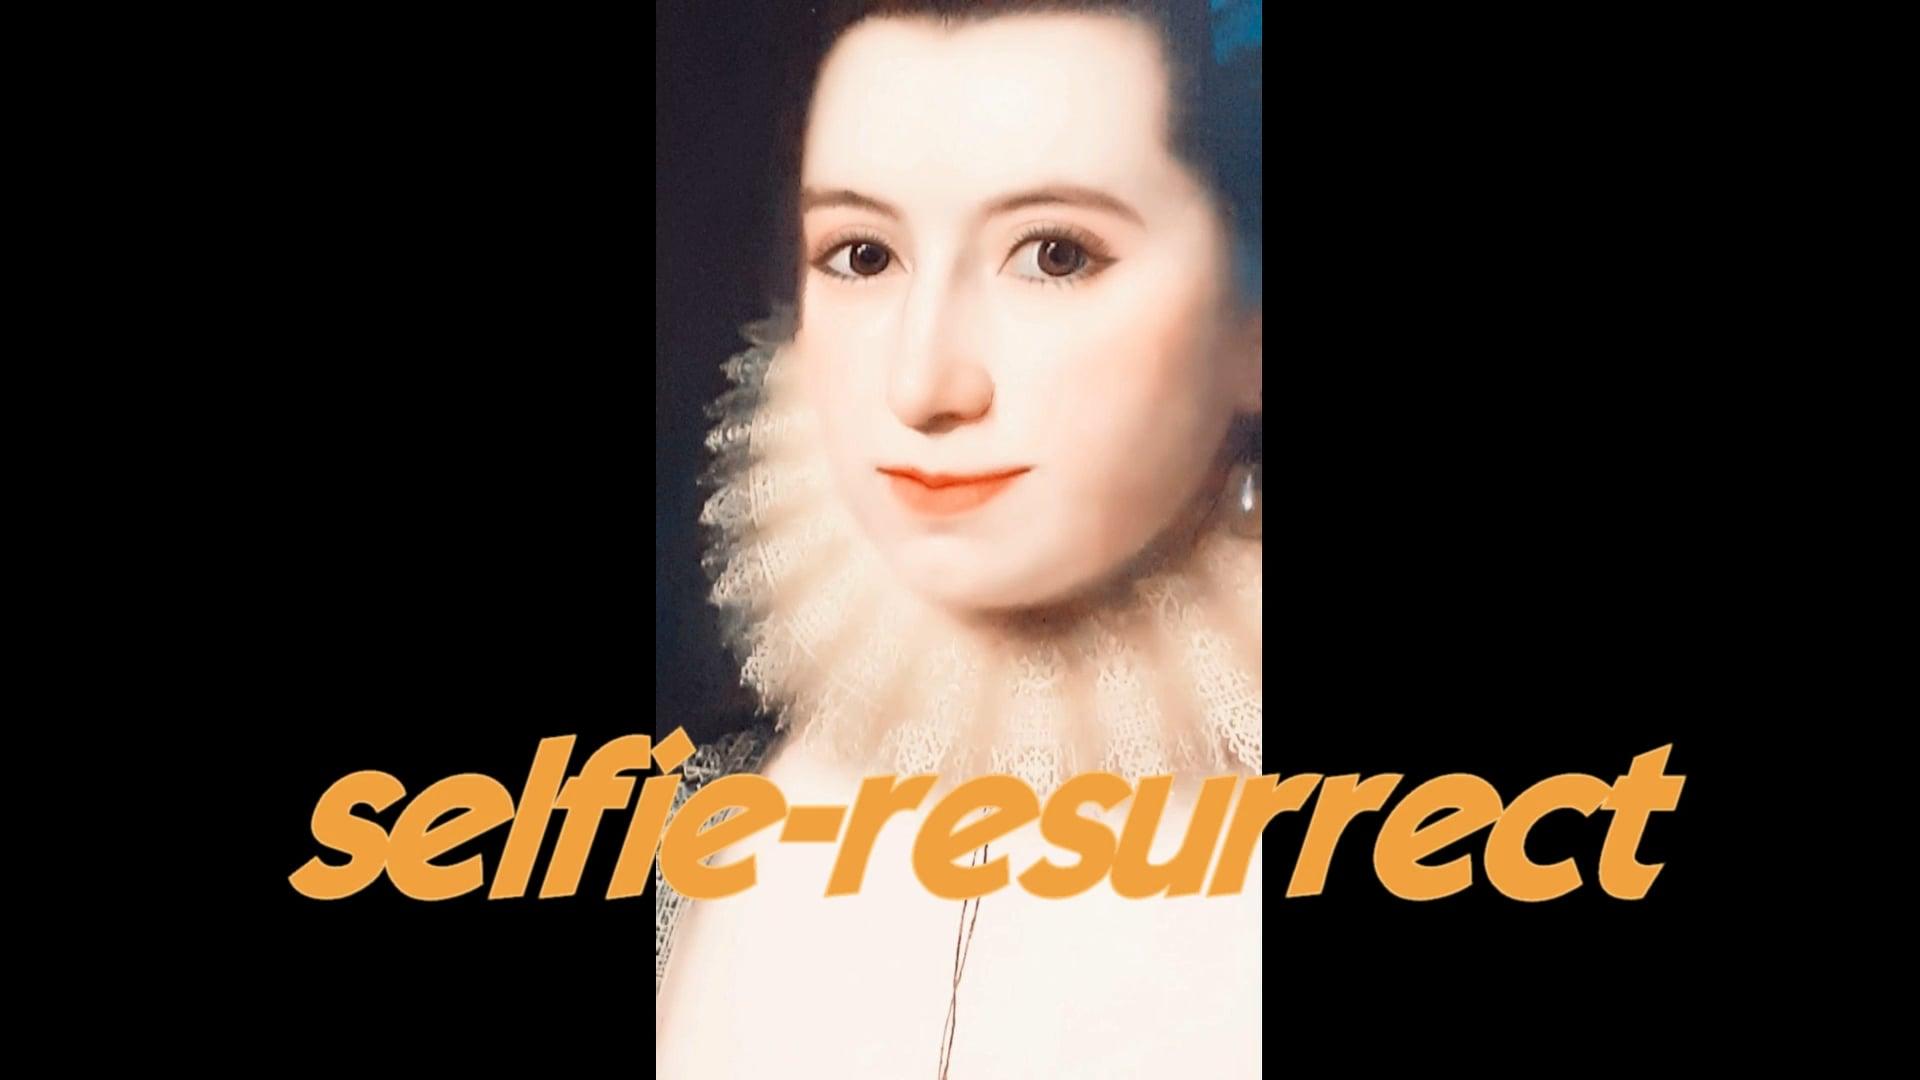 Selfie-Resurrect